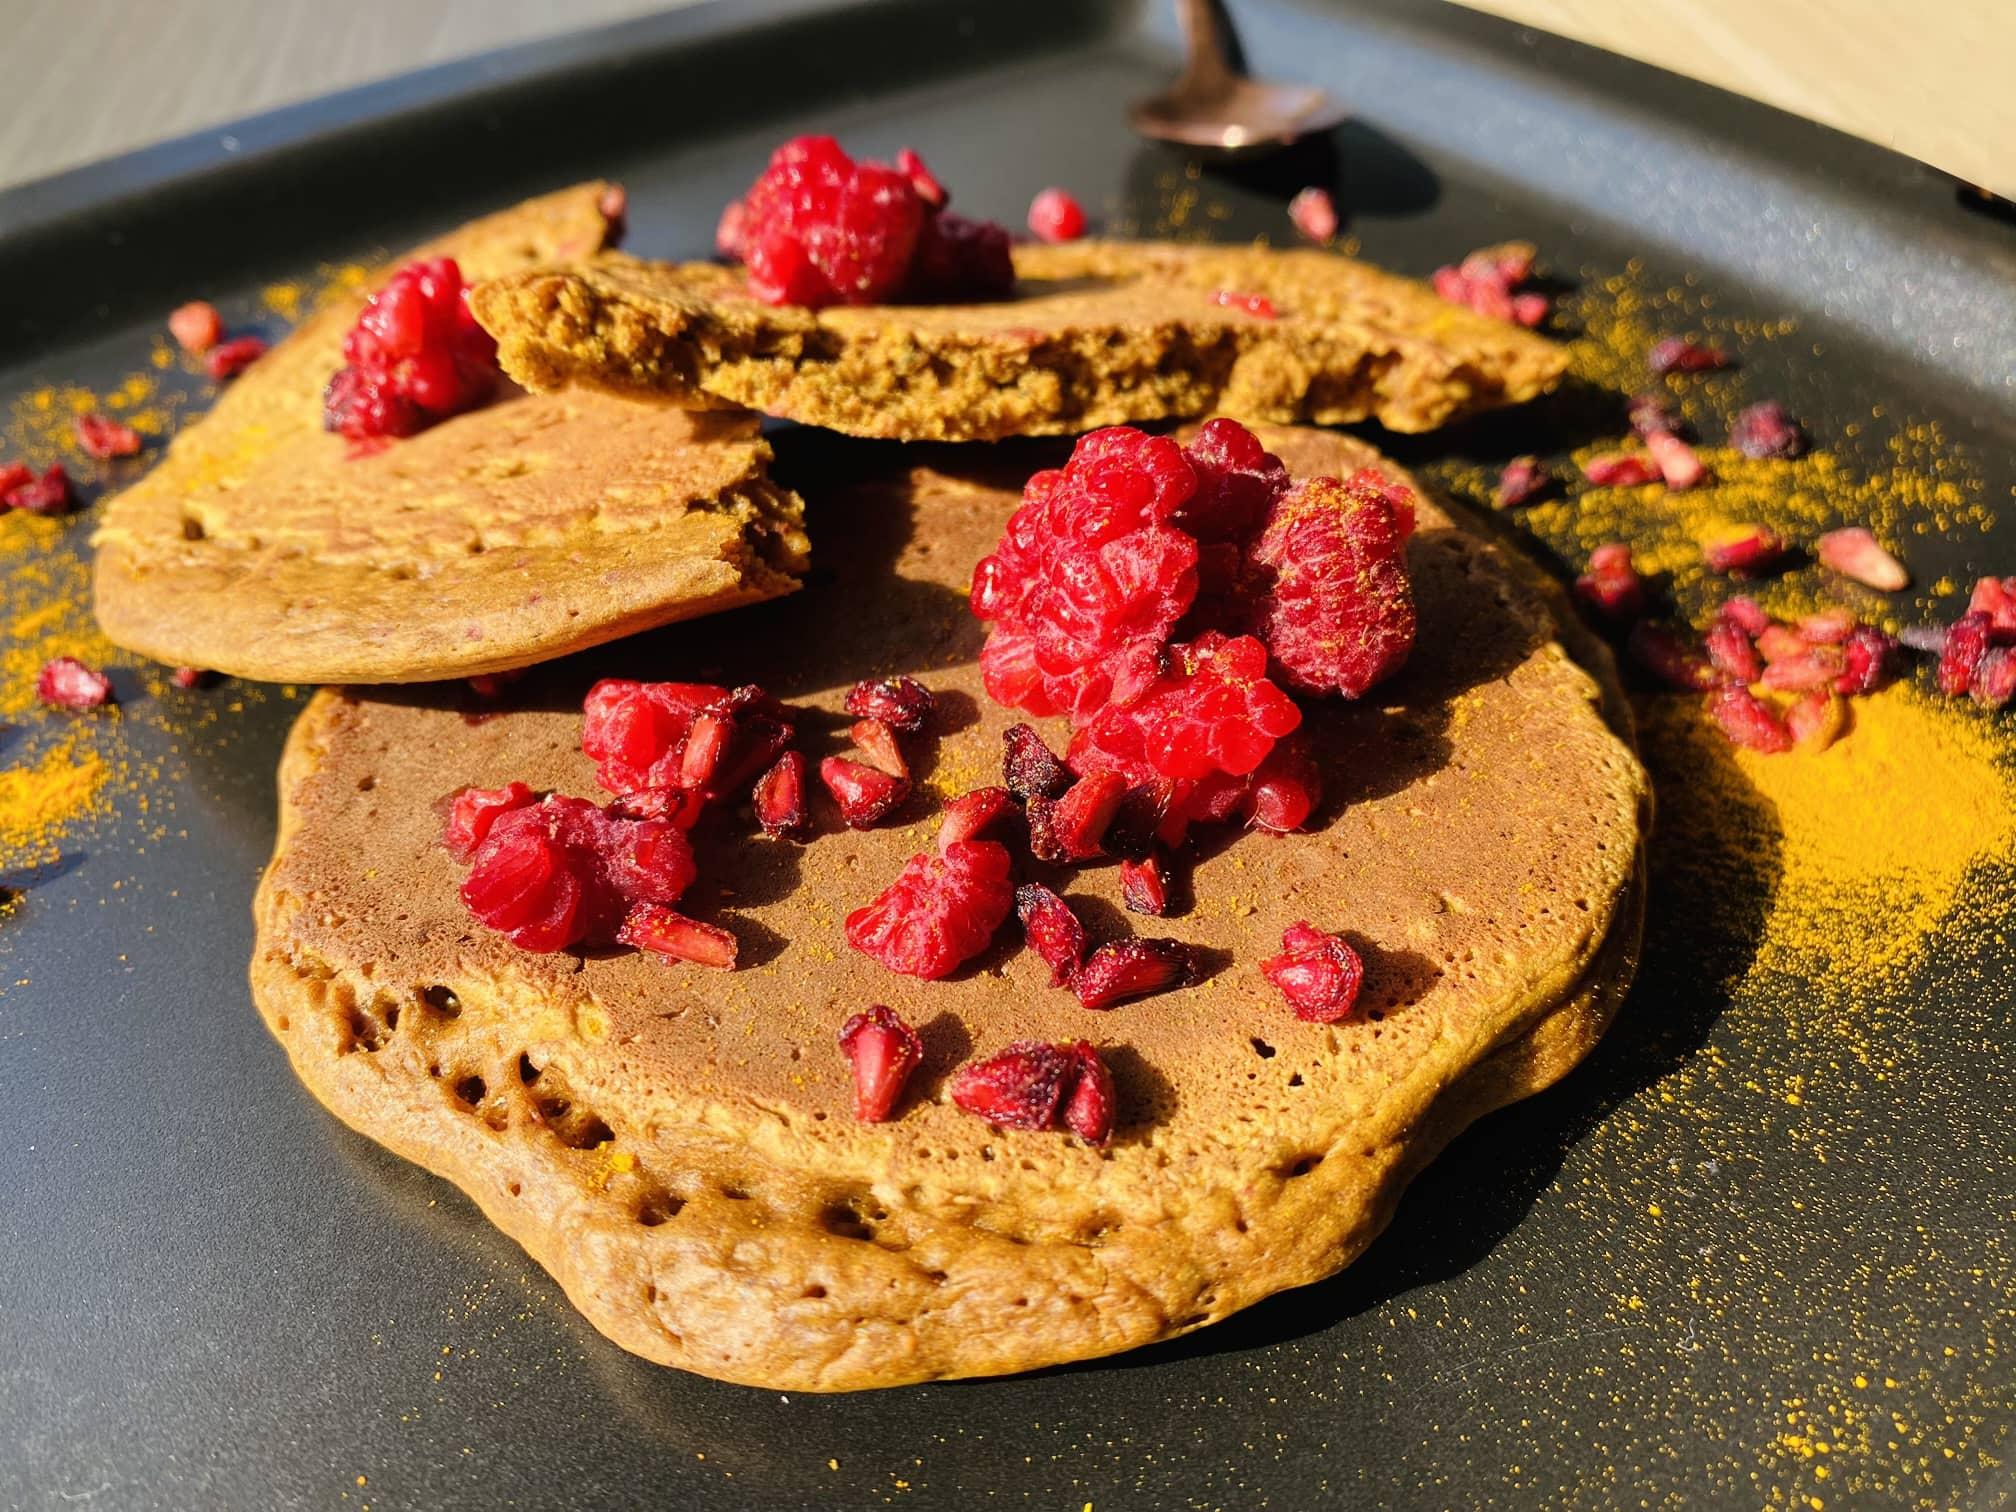 préparation végétale et bio pour pancakes vegan curcuma et cannelle Uberti